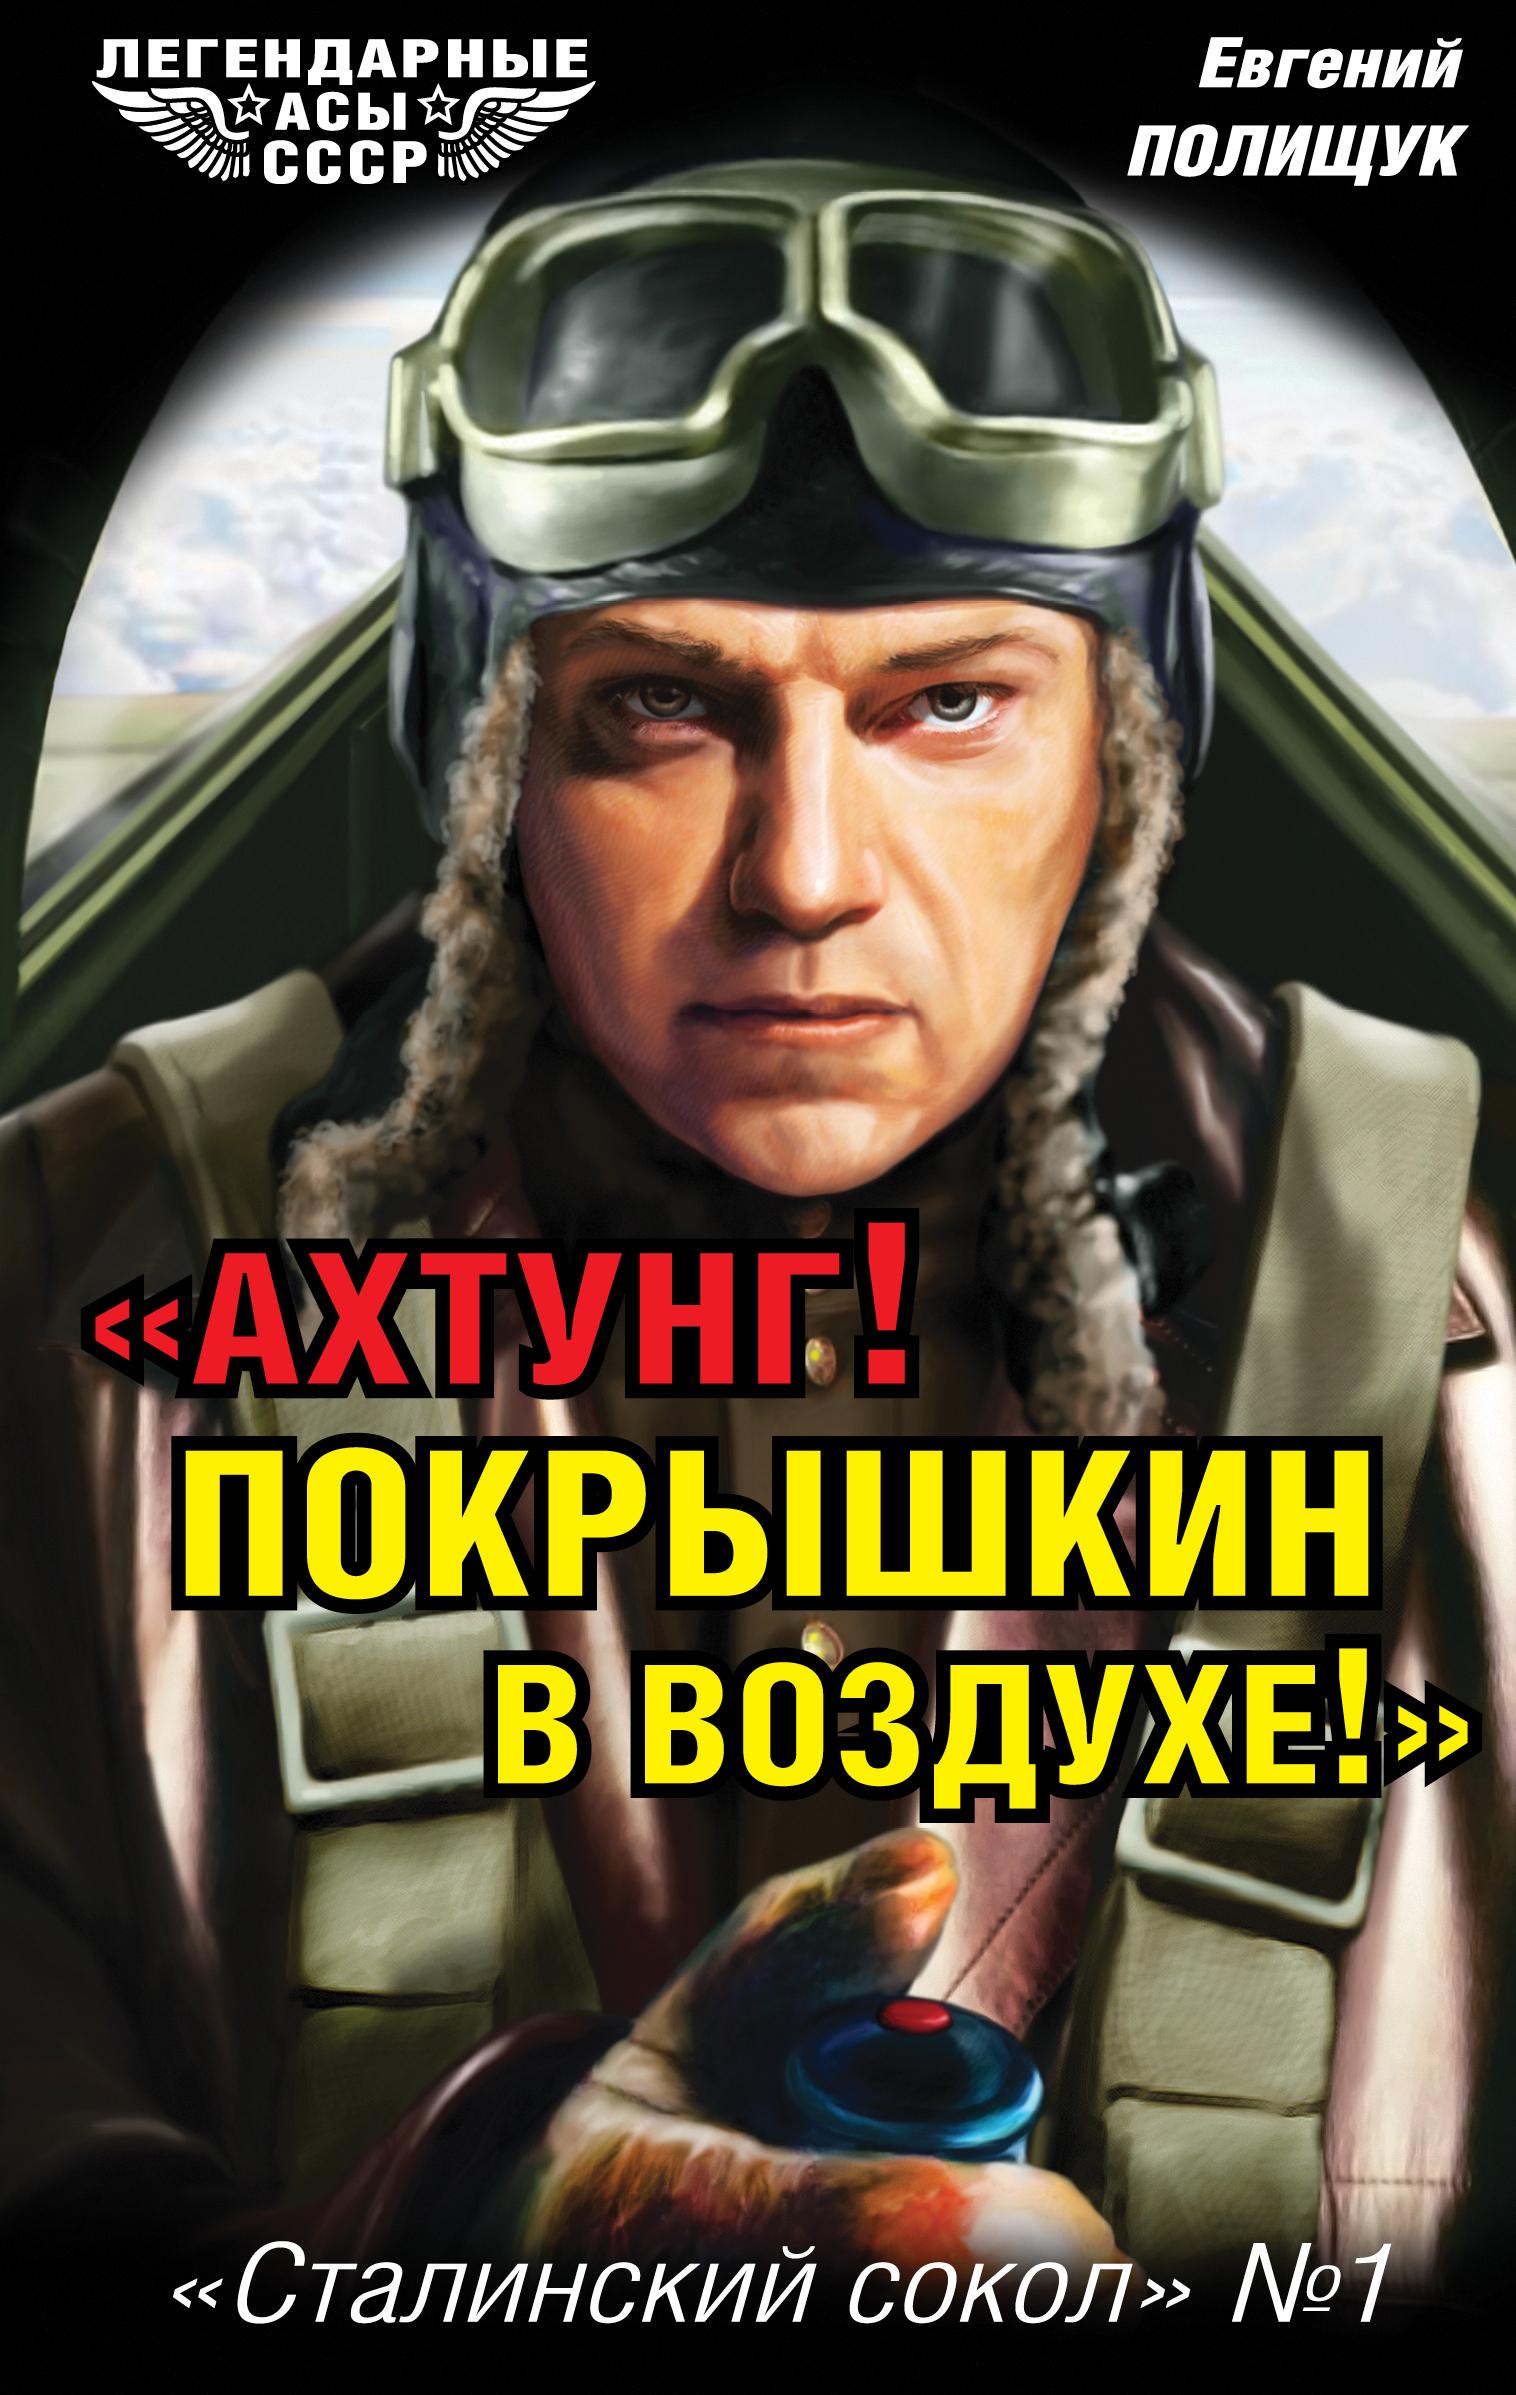 """""""Ахтунг! Покрышкин в воздухе!"""". """"Сталинский сокол"""" №1"""